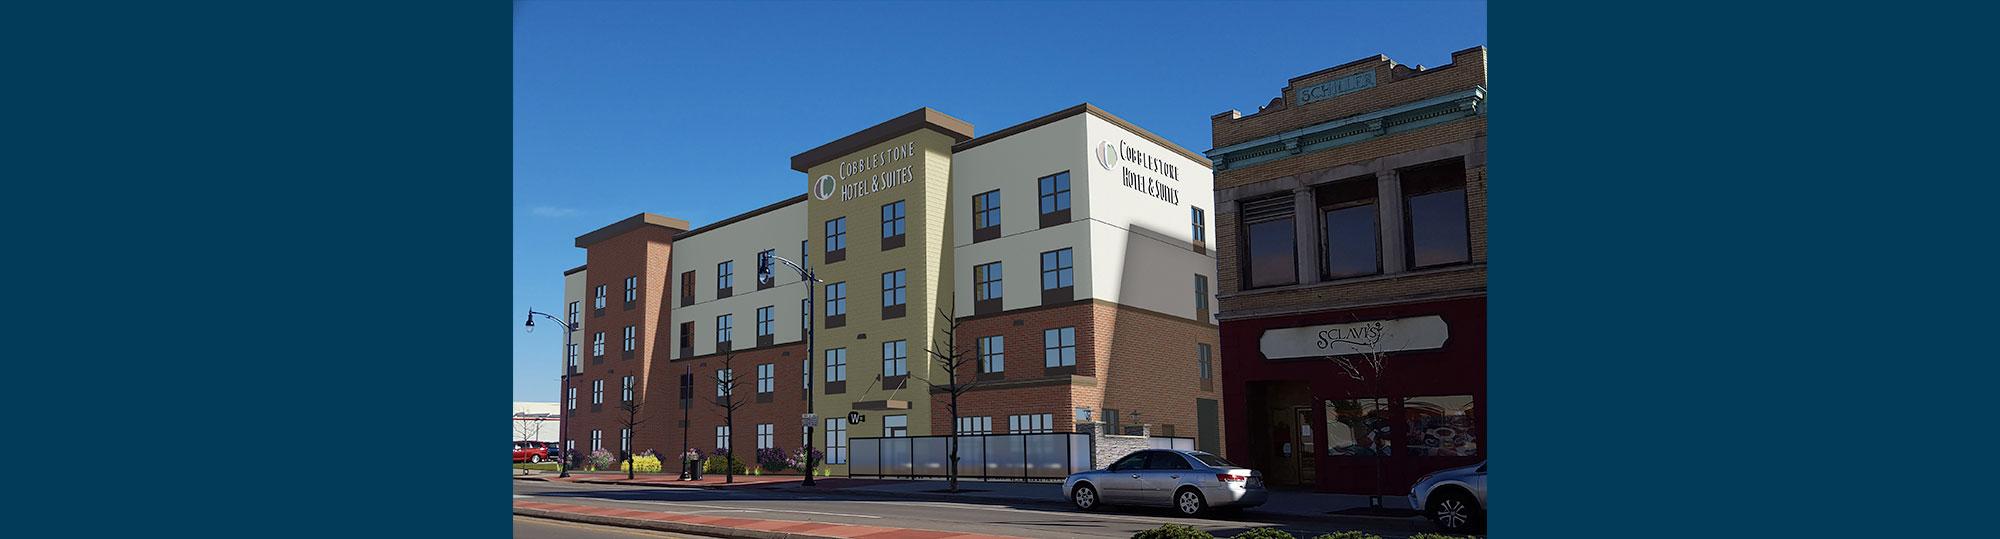 Cobblestone Hotel & Suites Main Street Superior